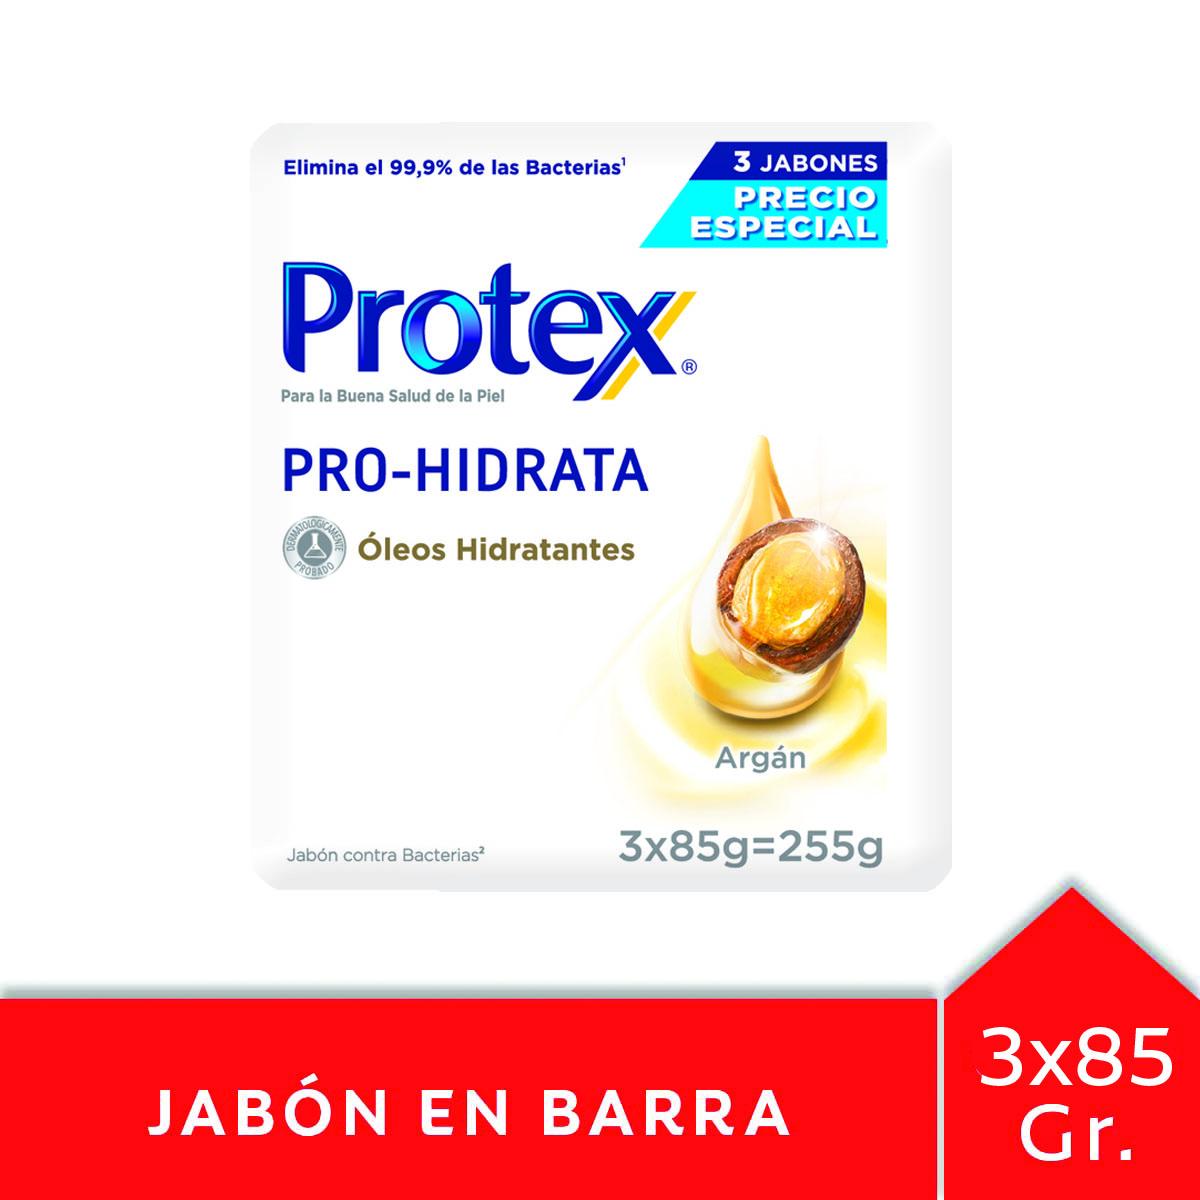 JABON TOC PRO HIDRATA ARGAN PROTEX 85GR 3UN PACK